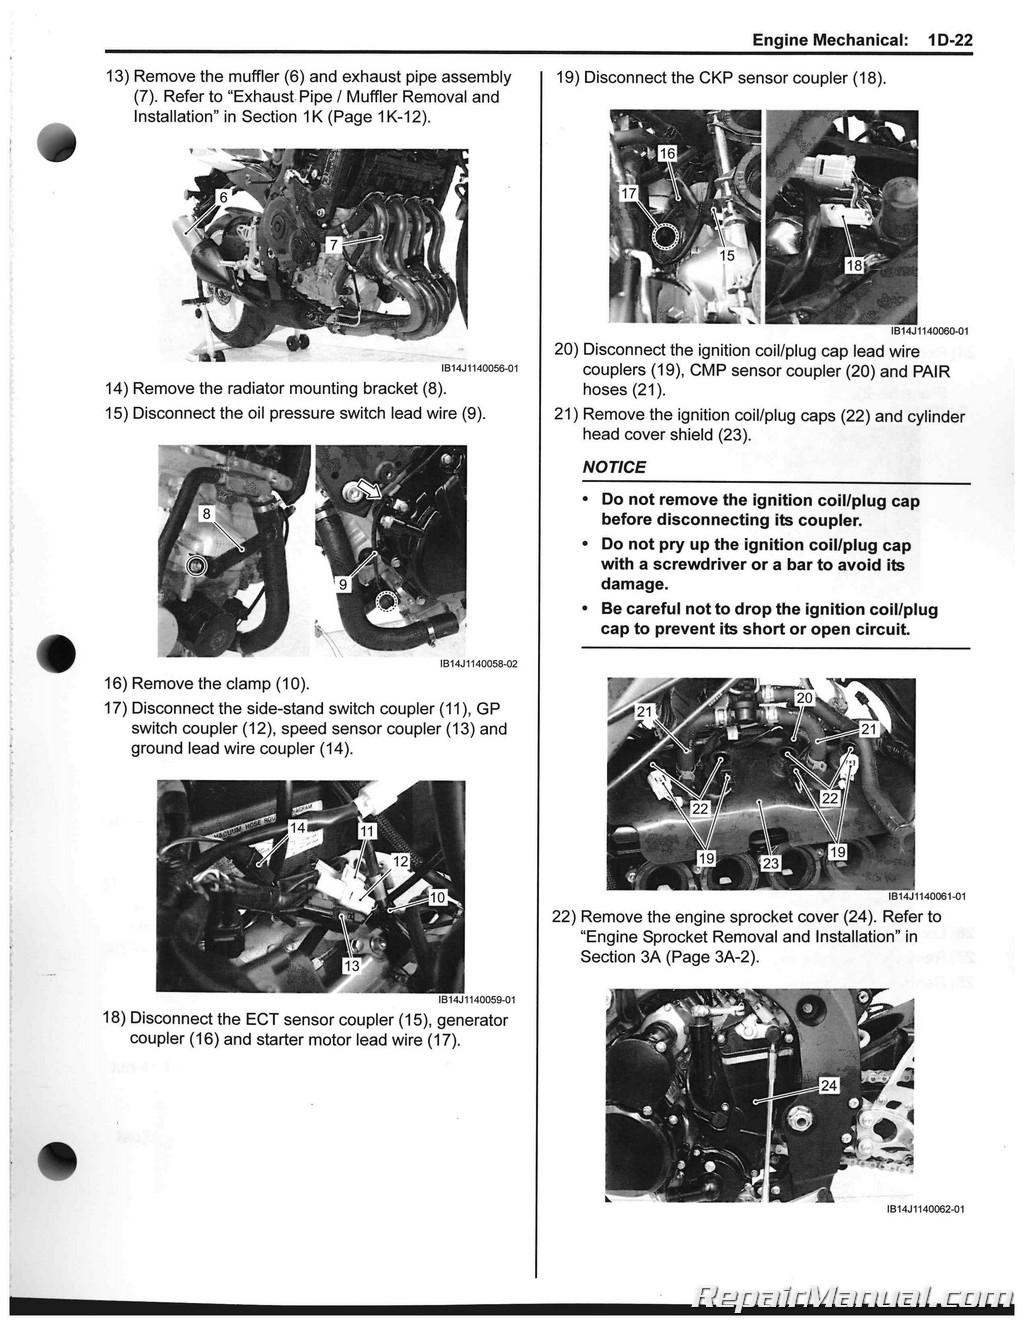 Suzuki Gsx R 400 besides 1988 1997 Suzuki Gsx600f Gsx750f Katana Online Service Manual furthermore 96 Suzuki Katana 600 Wiring Diagram besides Electrical Wiring Diagram Suzuki further 2004 Suzuki Gsxr 1000 Diagram. on free suzuki 750 katana wiring diagrams